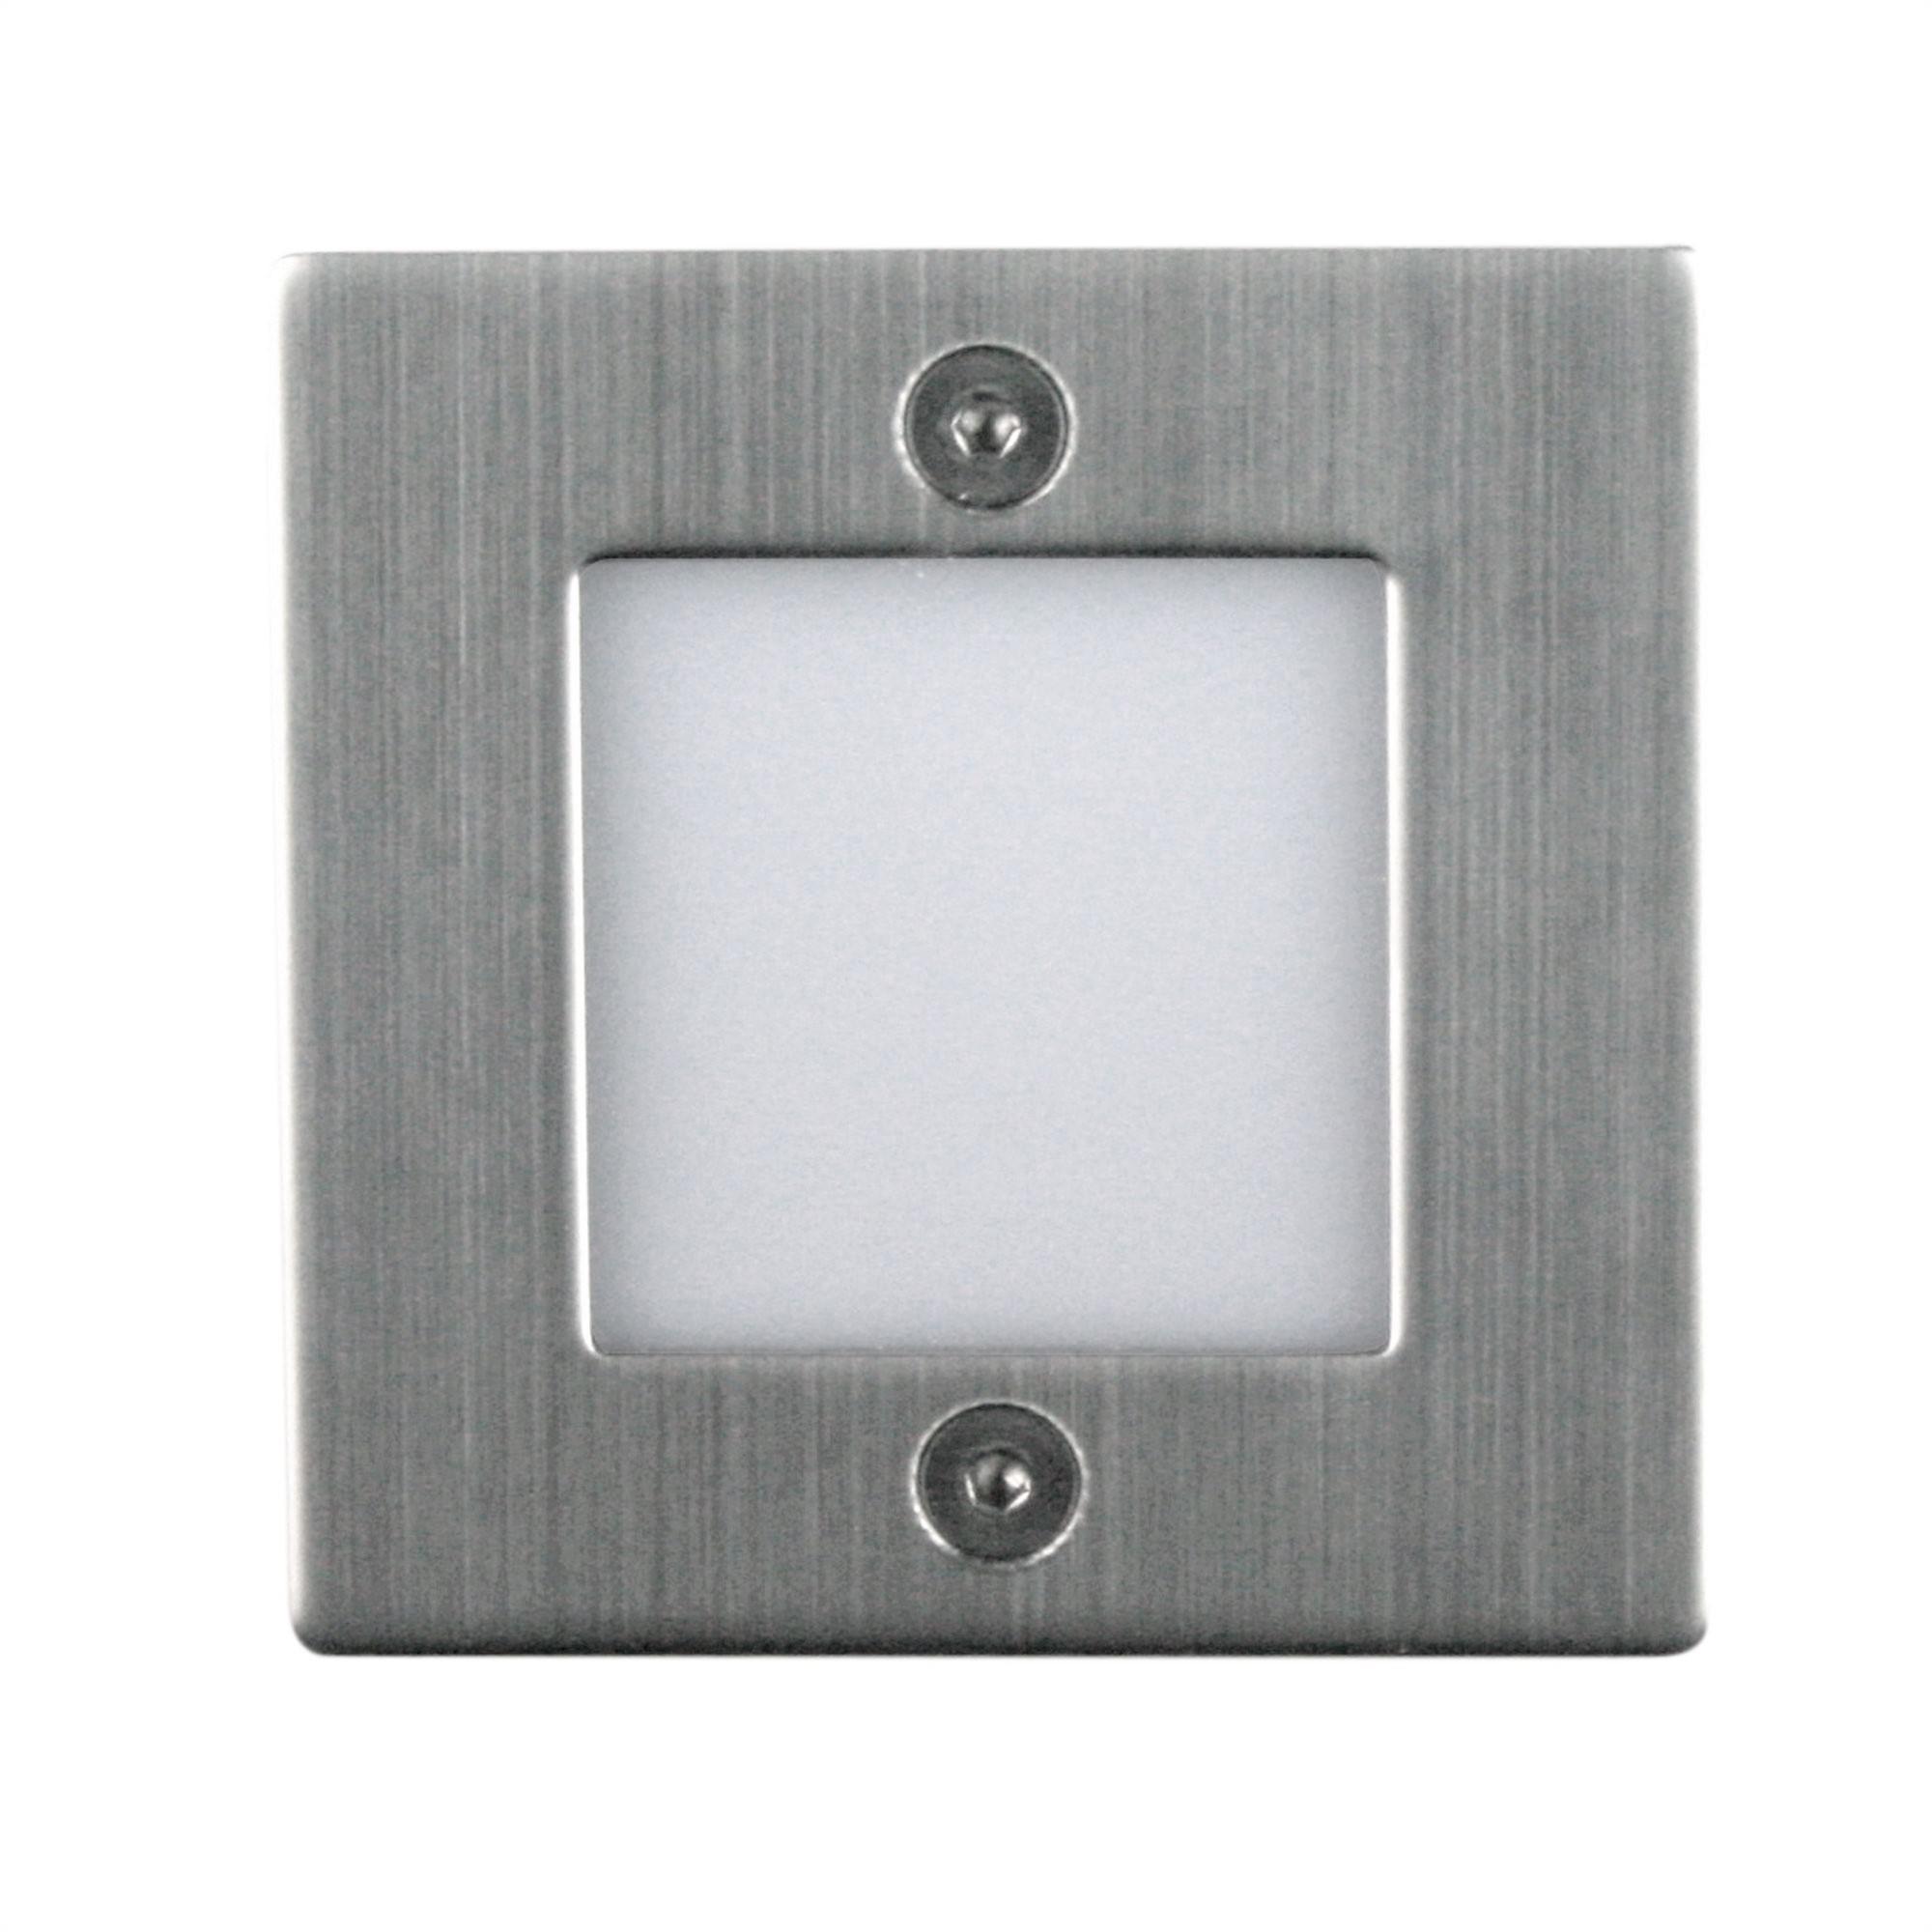 Bing IP54 Indoor / Outdoor LED Recessed Wall Light